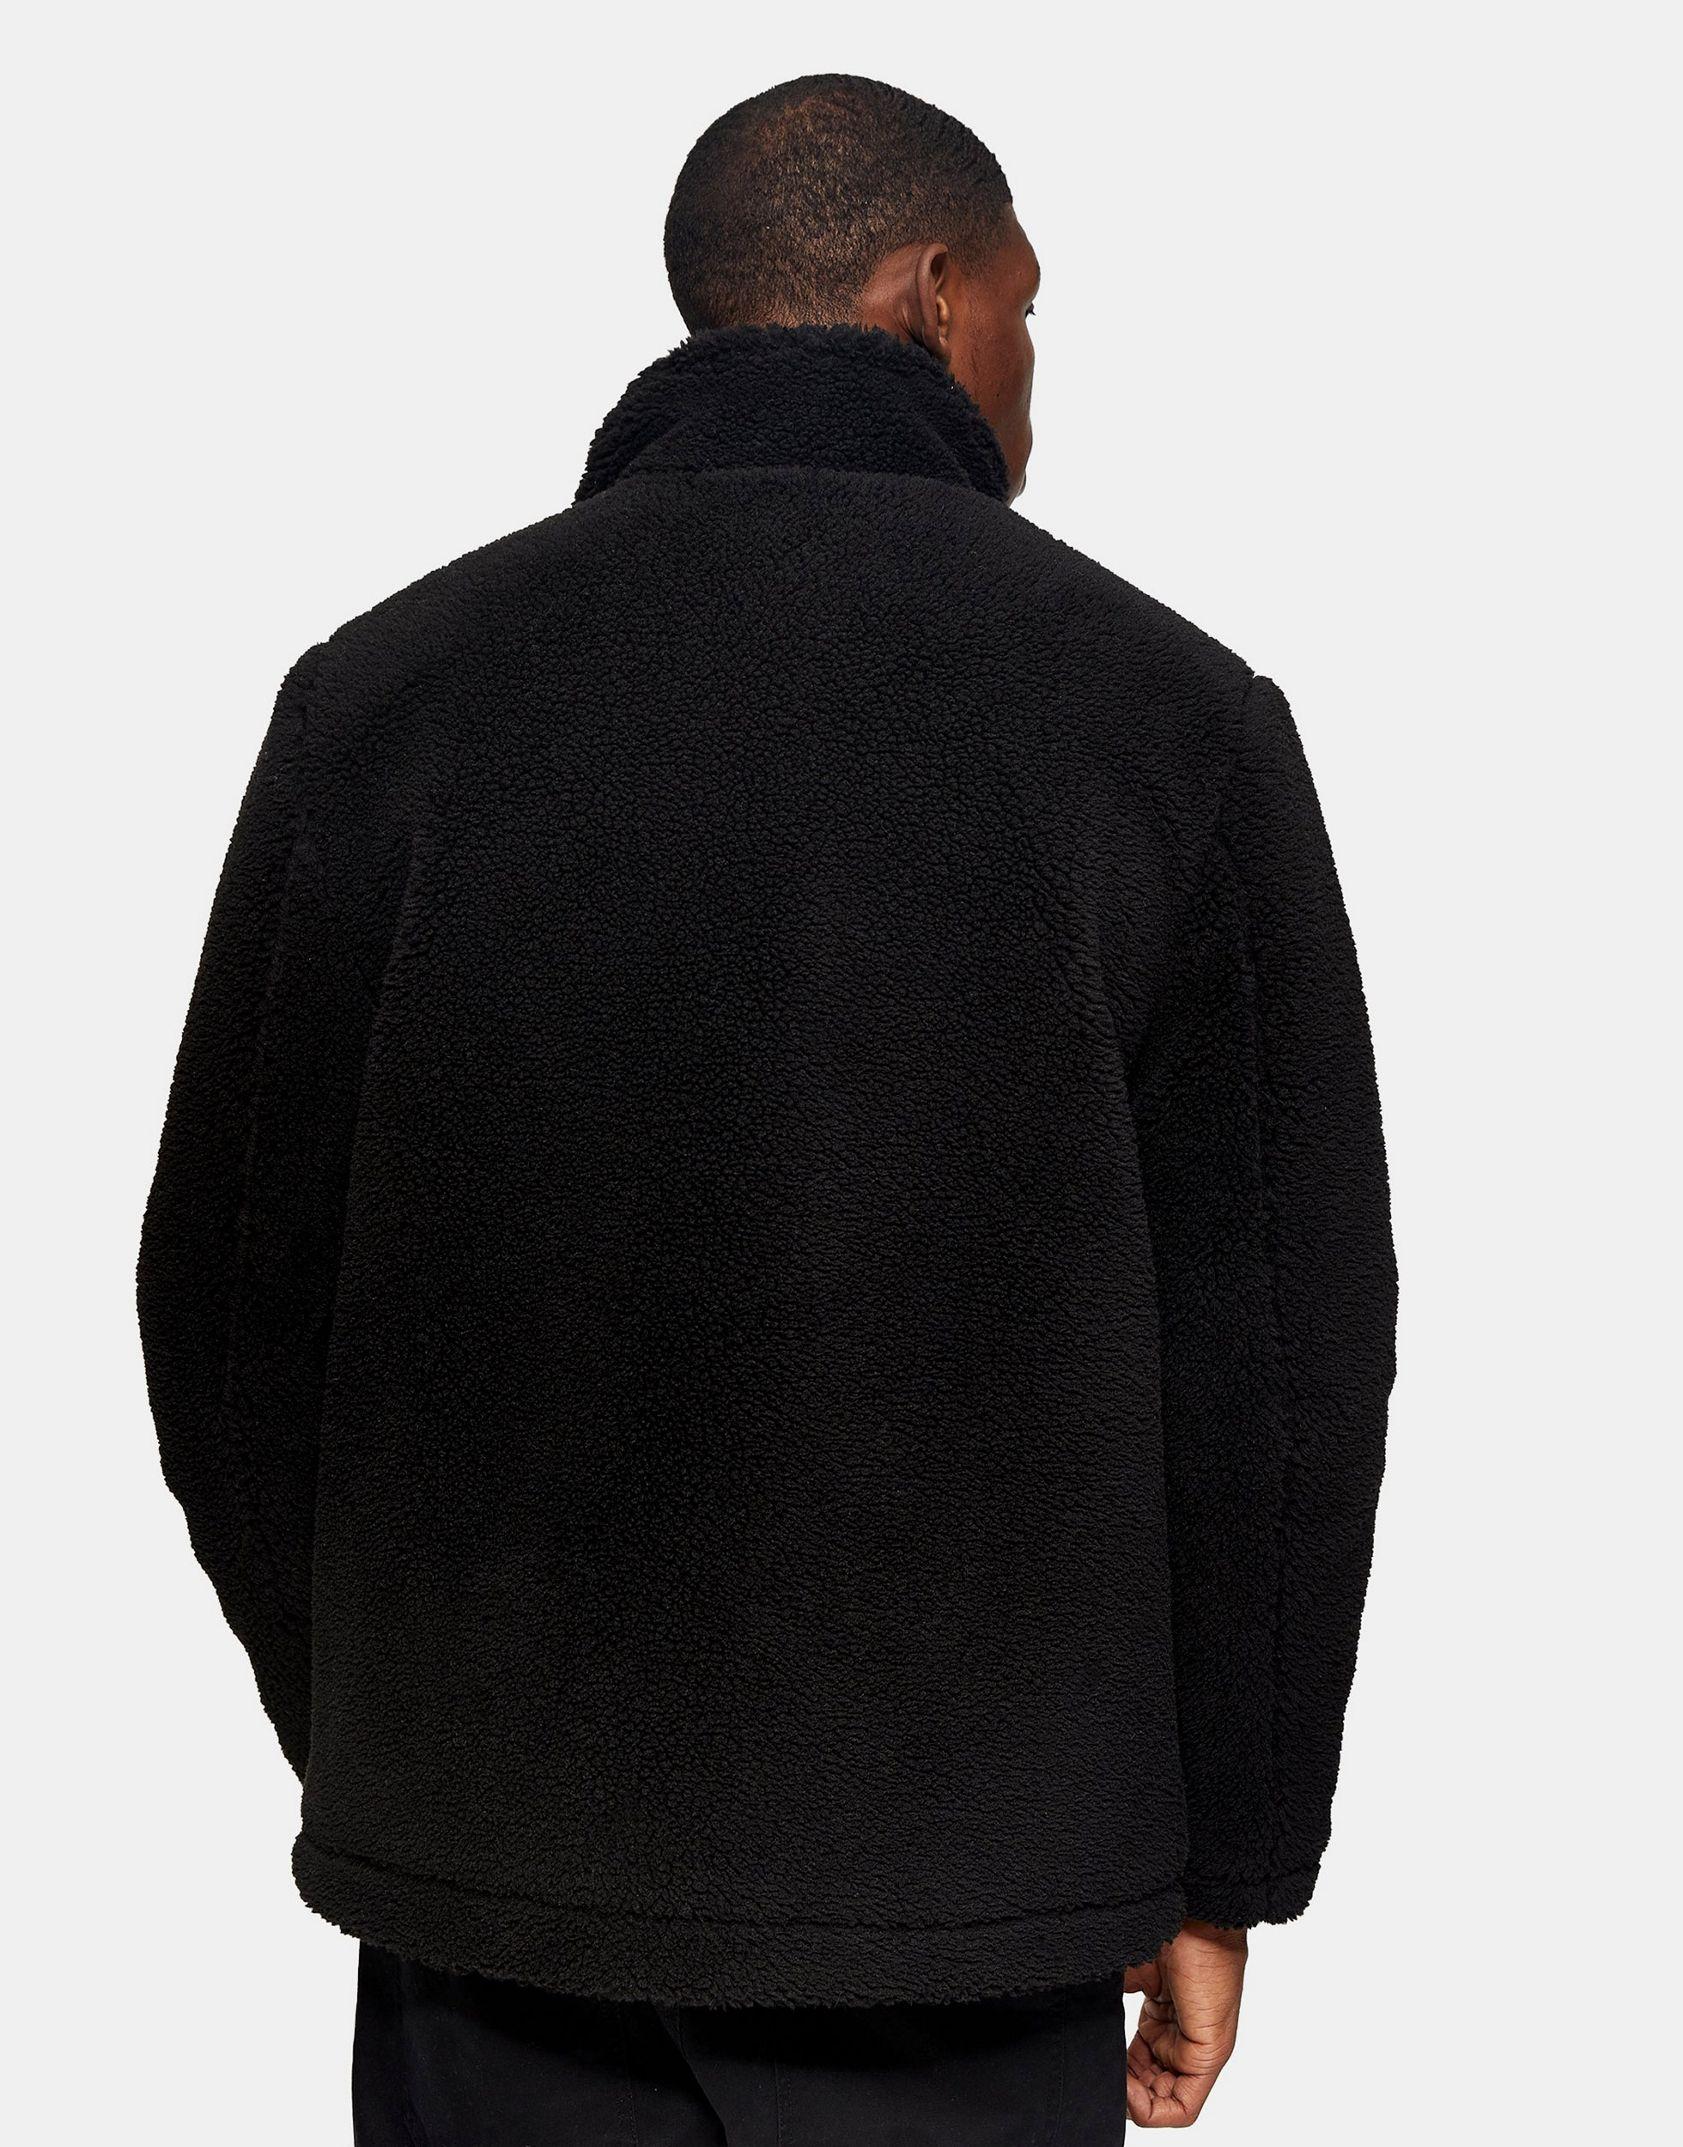 Topman borg jacket in black -  Price Checker